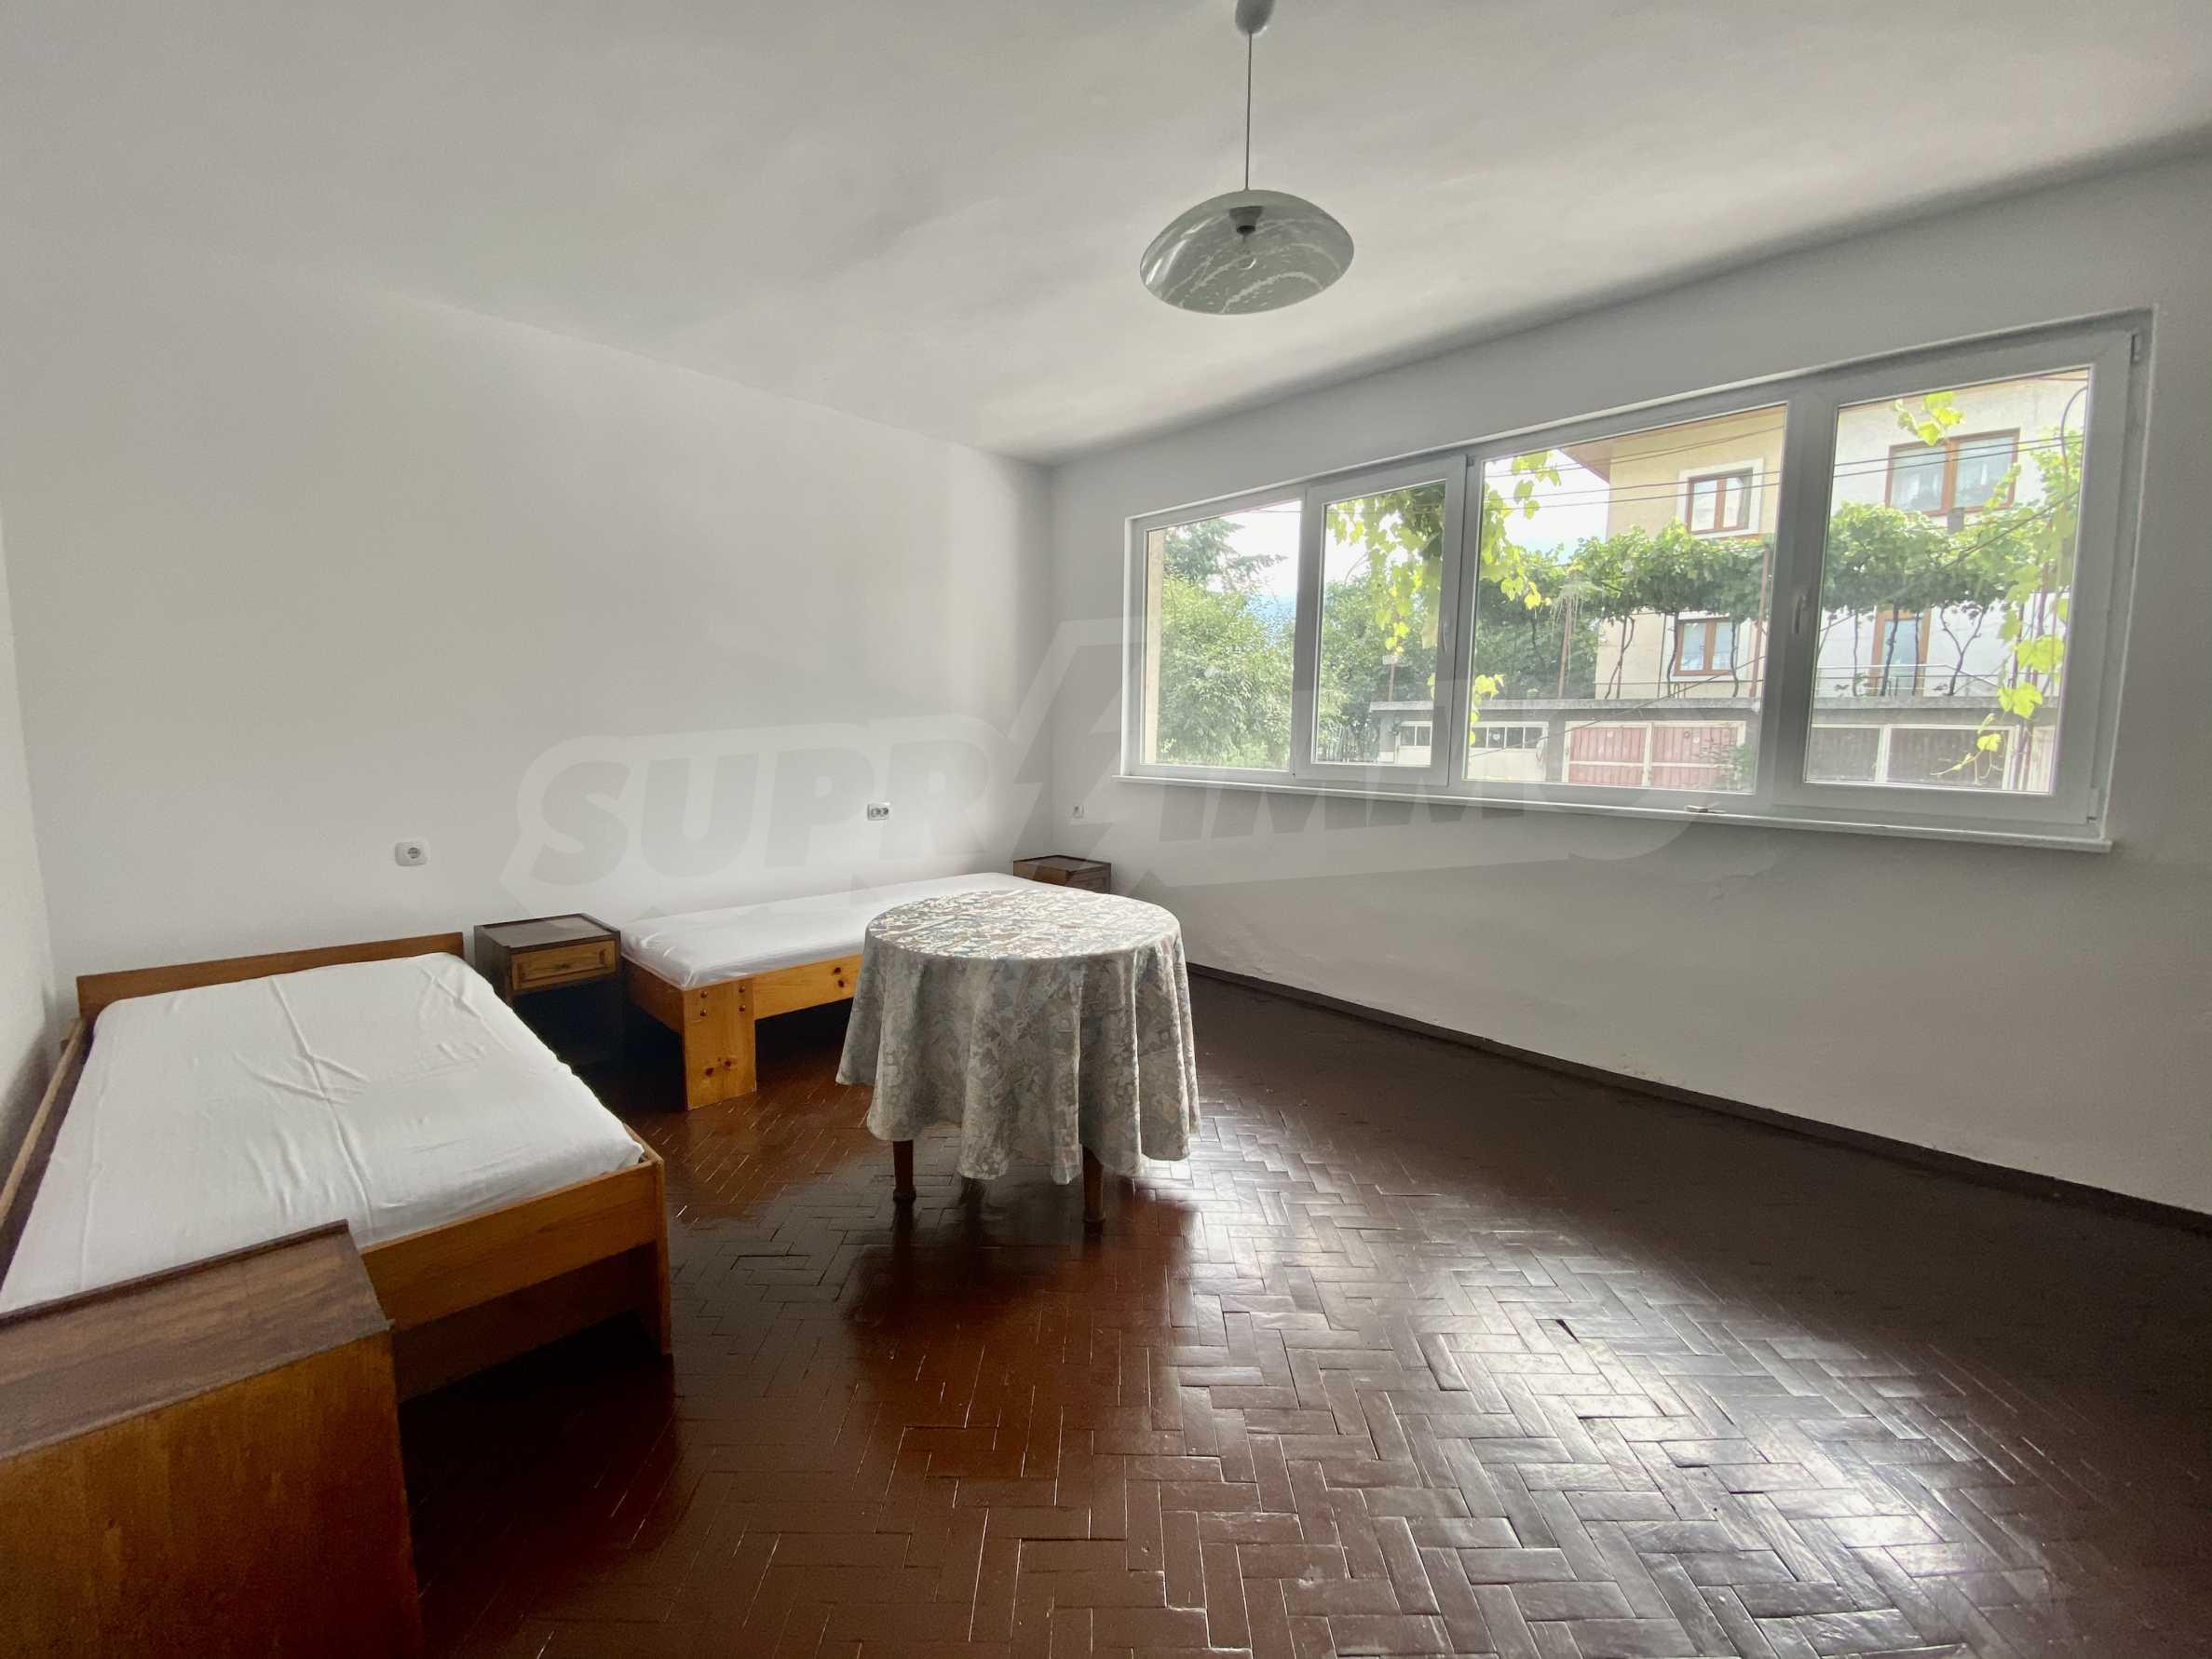 Тристаен апартамент в близост до центъра на Банско